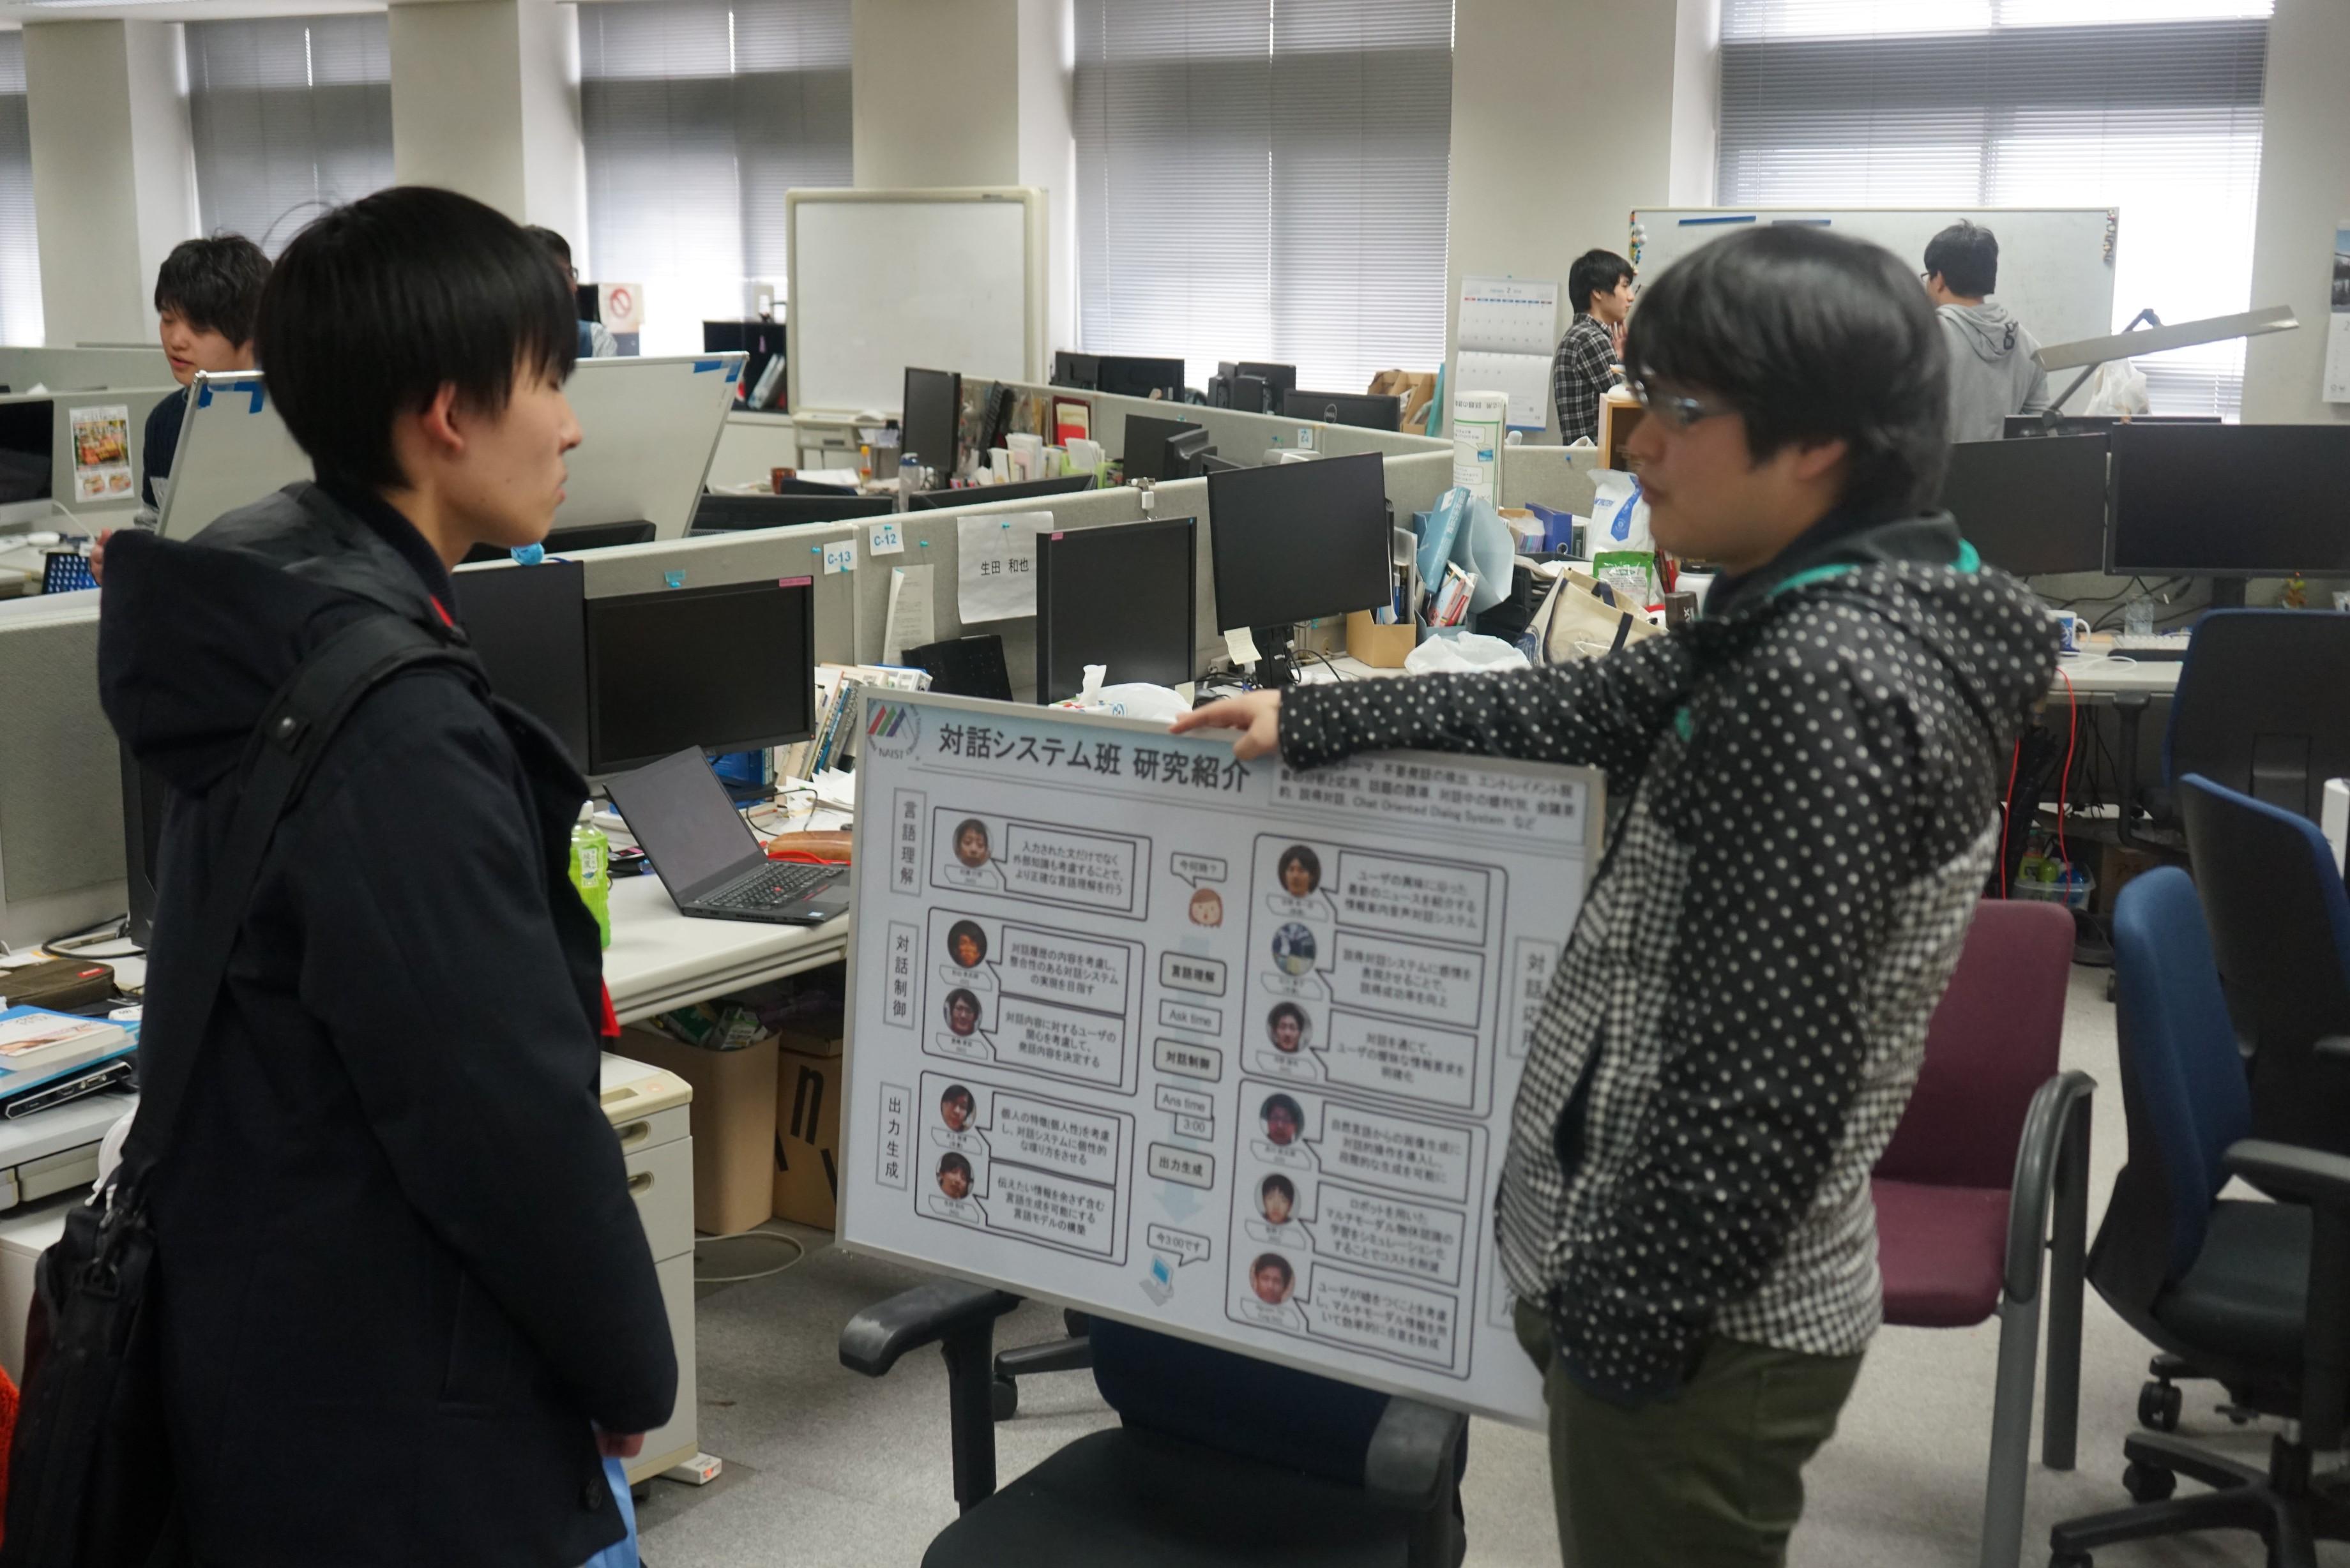 研究室内で行われている研究について説明しています。